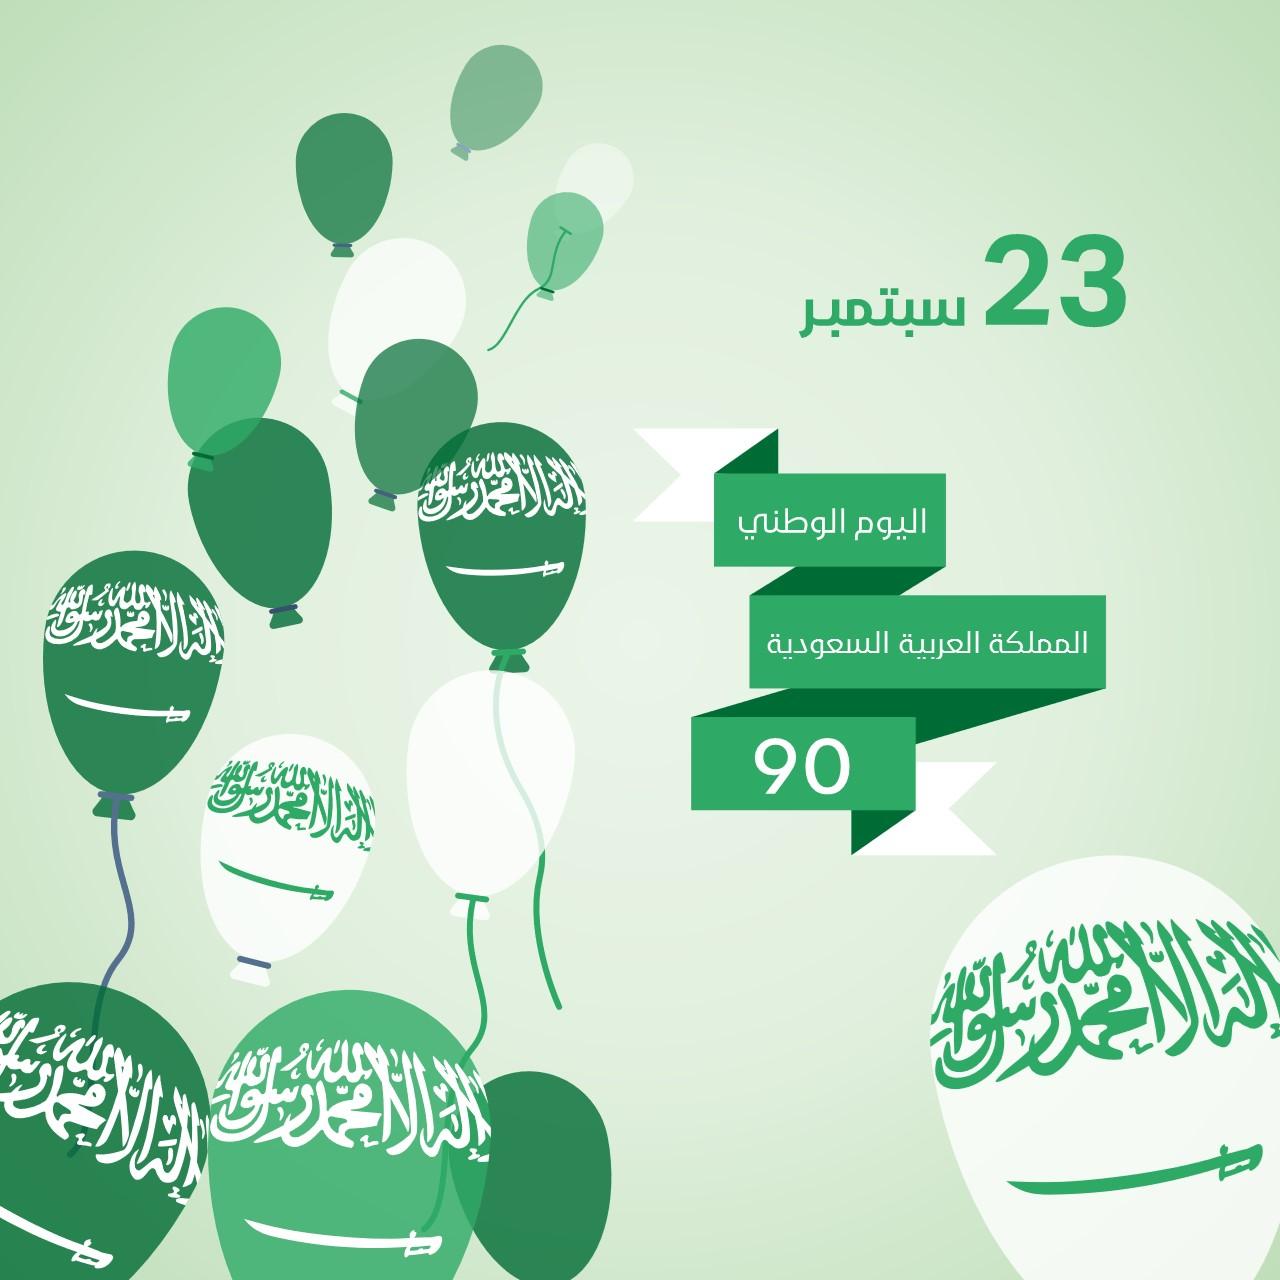 بلالين الاحتفال باليوم الوطني السعودي 90